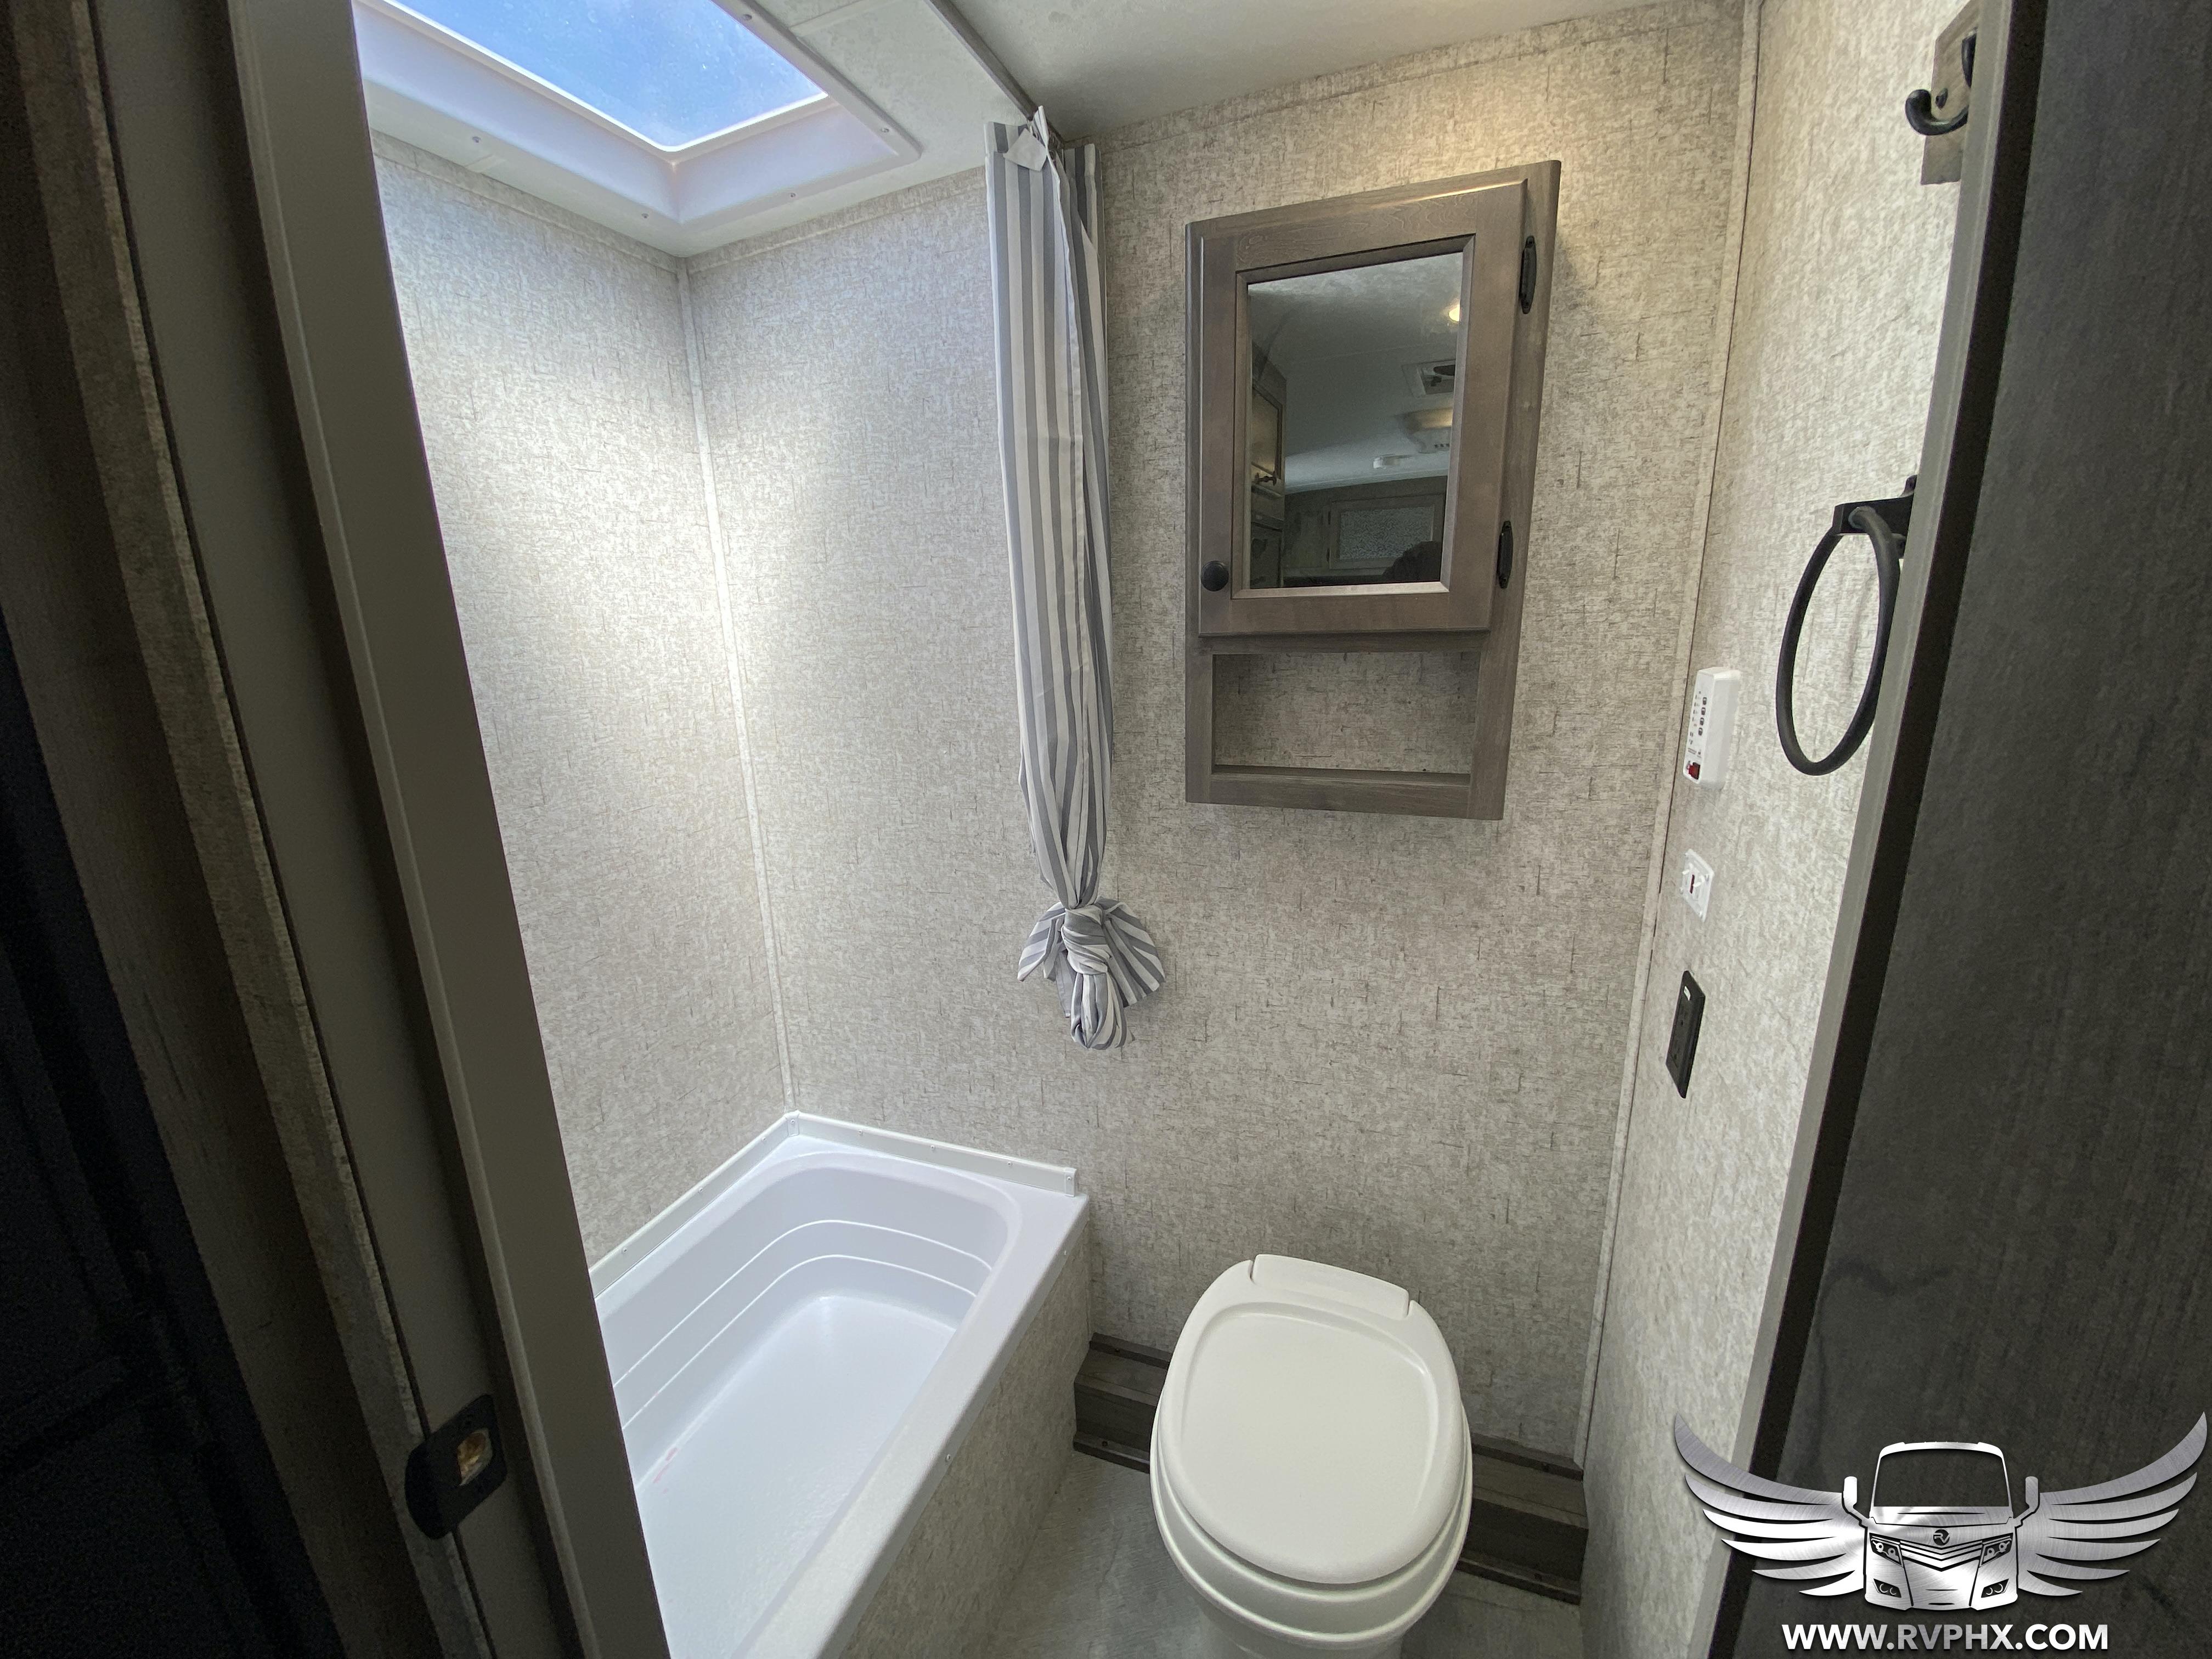 185bh Bathroom